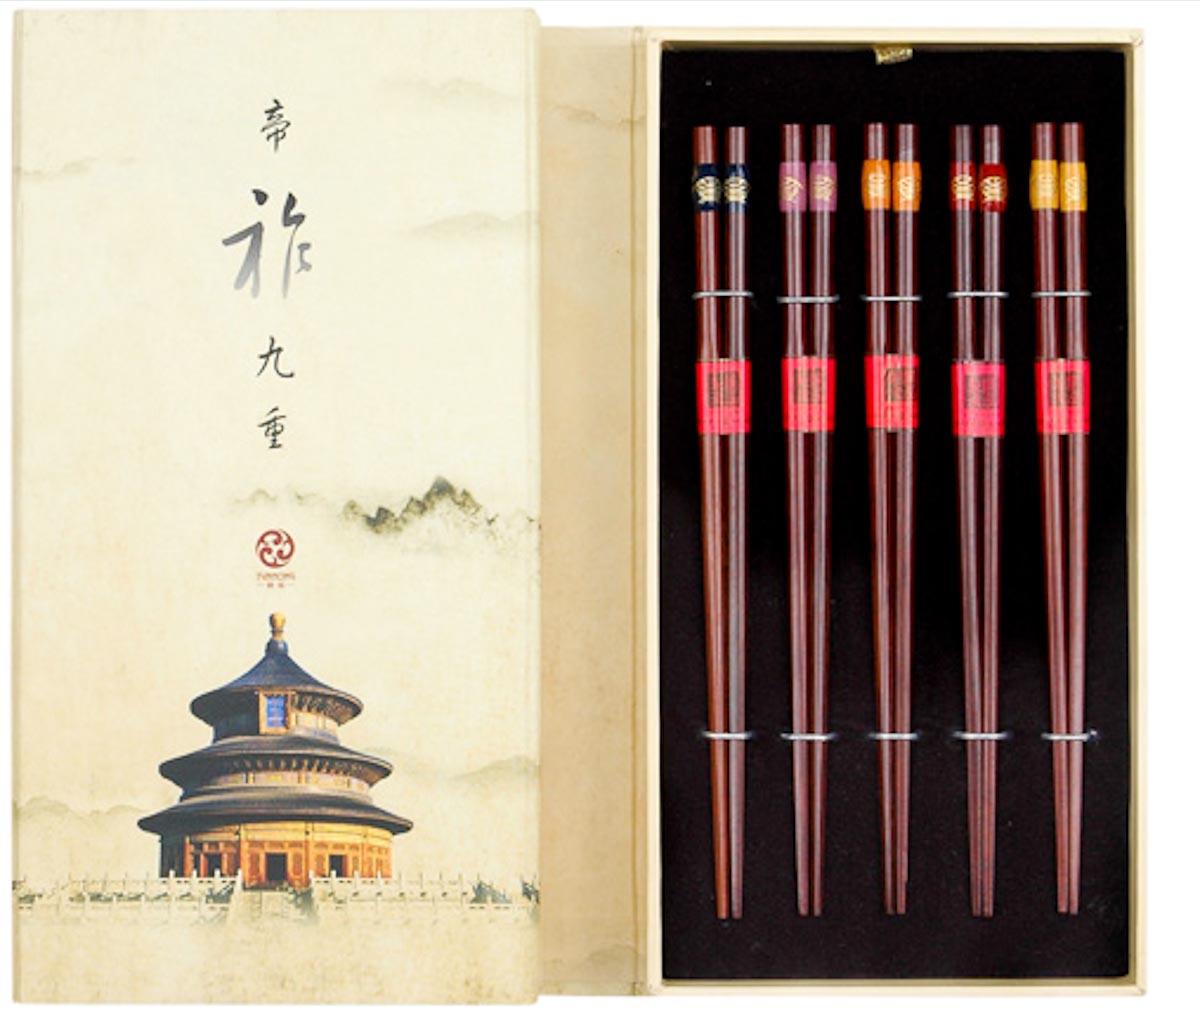 Photograph courtesy of Yùnhóng Chopsticks